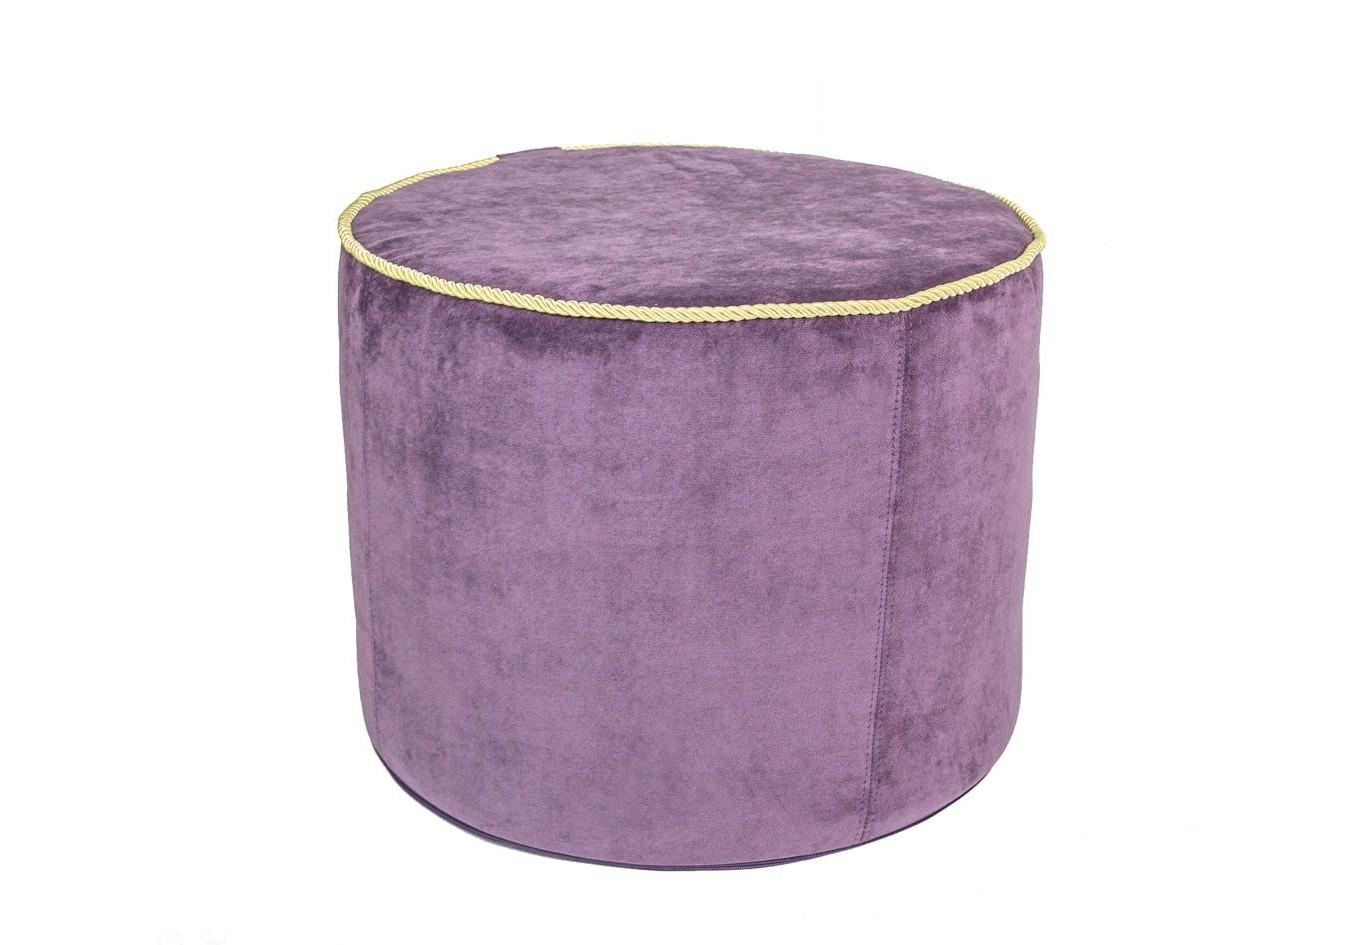 ПуфФорменные пуфы<br>Практичный пуф-столик. Удобный столик для напитков, книг, кальяна или мягкий пуфик для поддержки ног и сидения. Ткань -  микровелюр с коротким ворсом. Коллекция тканей Aкварель была создана по полотнам художника Эдуарда Гау, что придает ей художественный шарм. Прочность ткани 60 000 циклов по Мартиндейлу, что подходит даже для коммерческого использования.&amp;amp;nbsp;<br><br>Material: Велюр<br>Height см: 40<br>Diameter см: 50